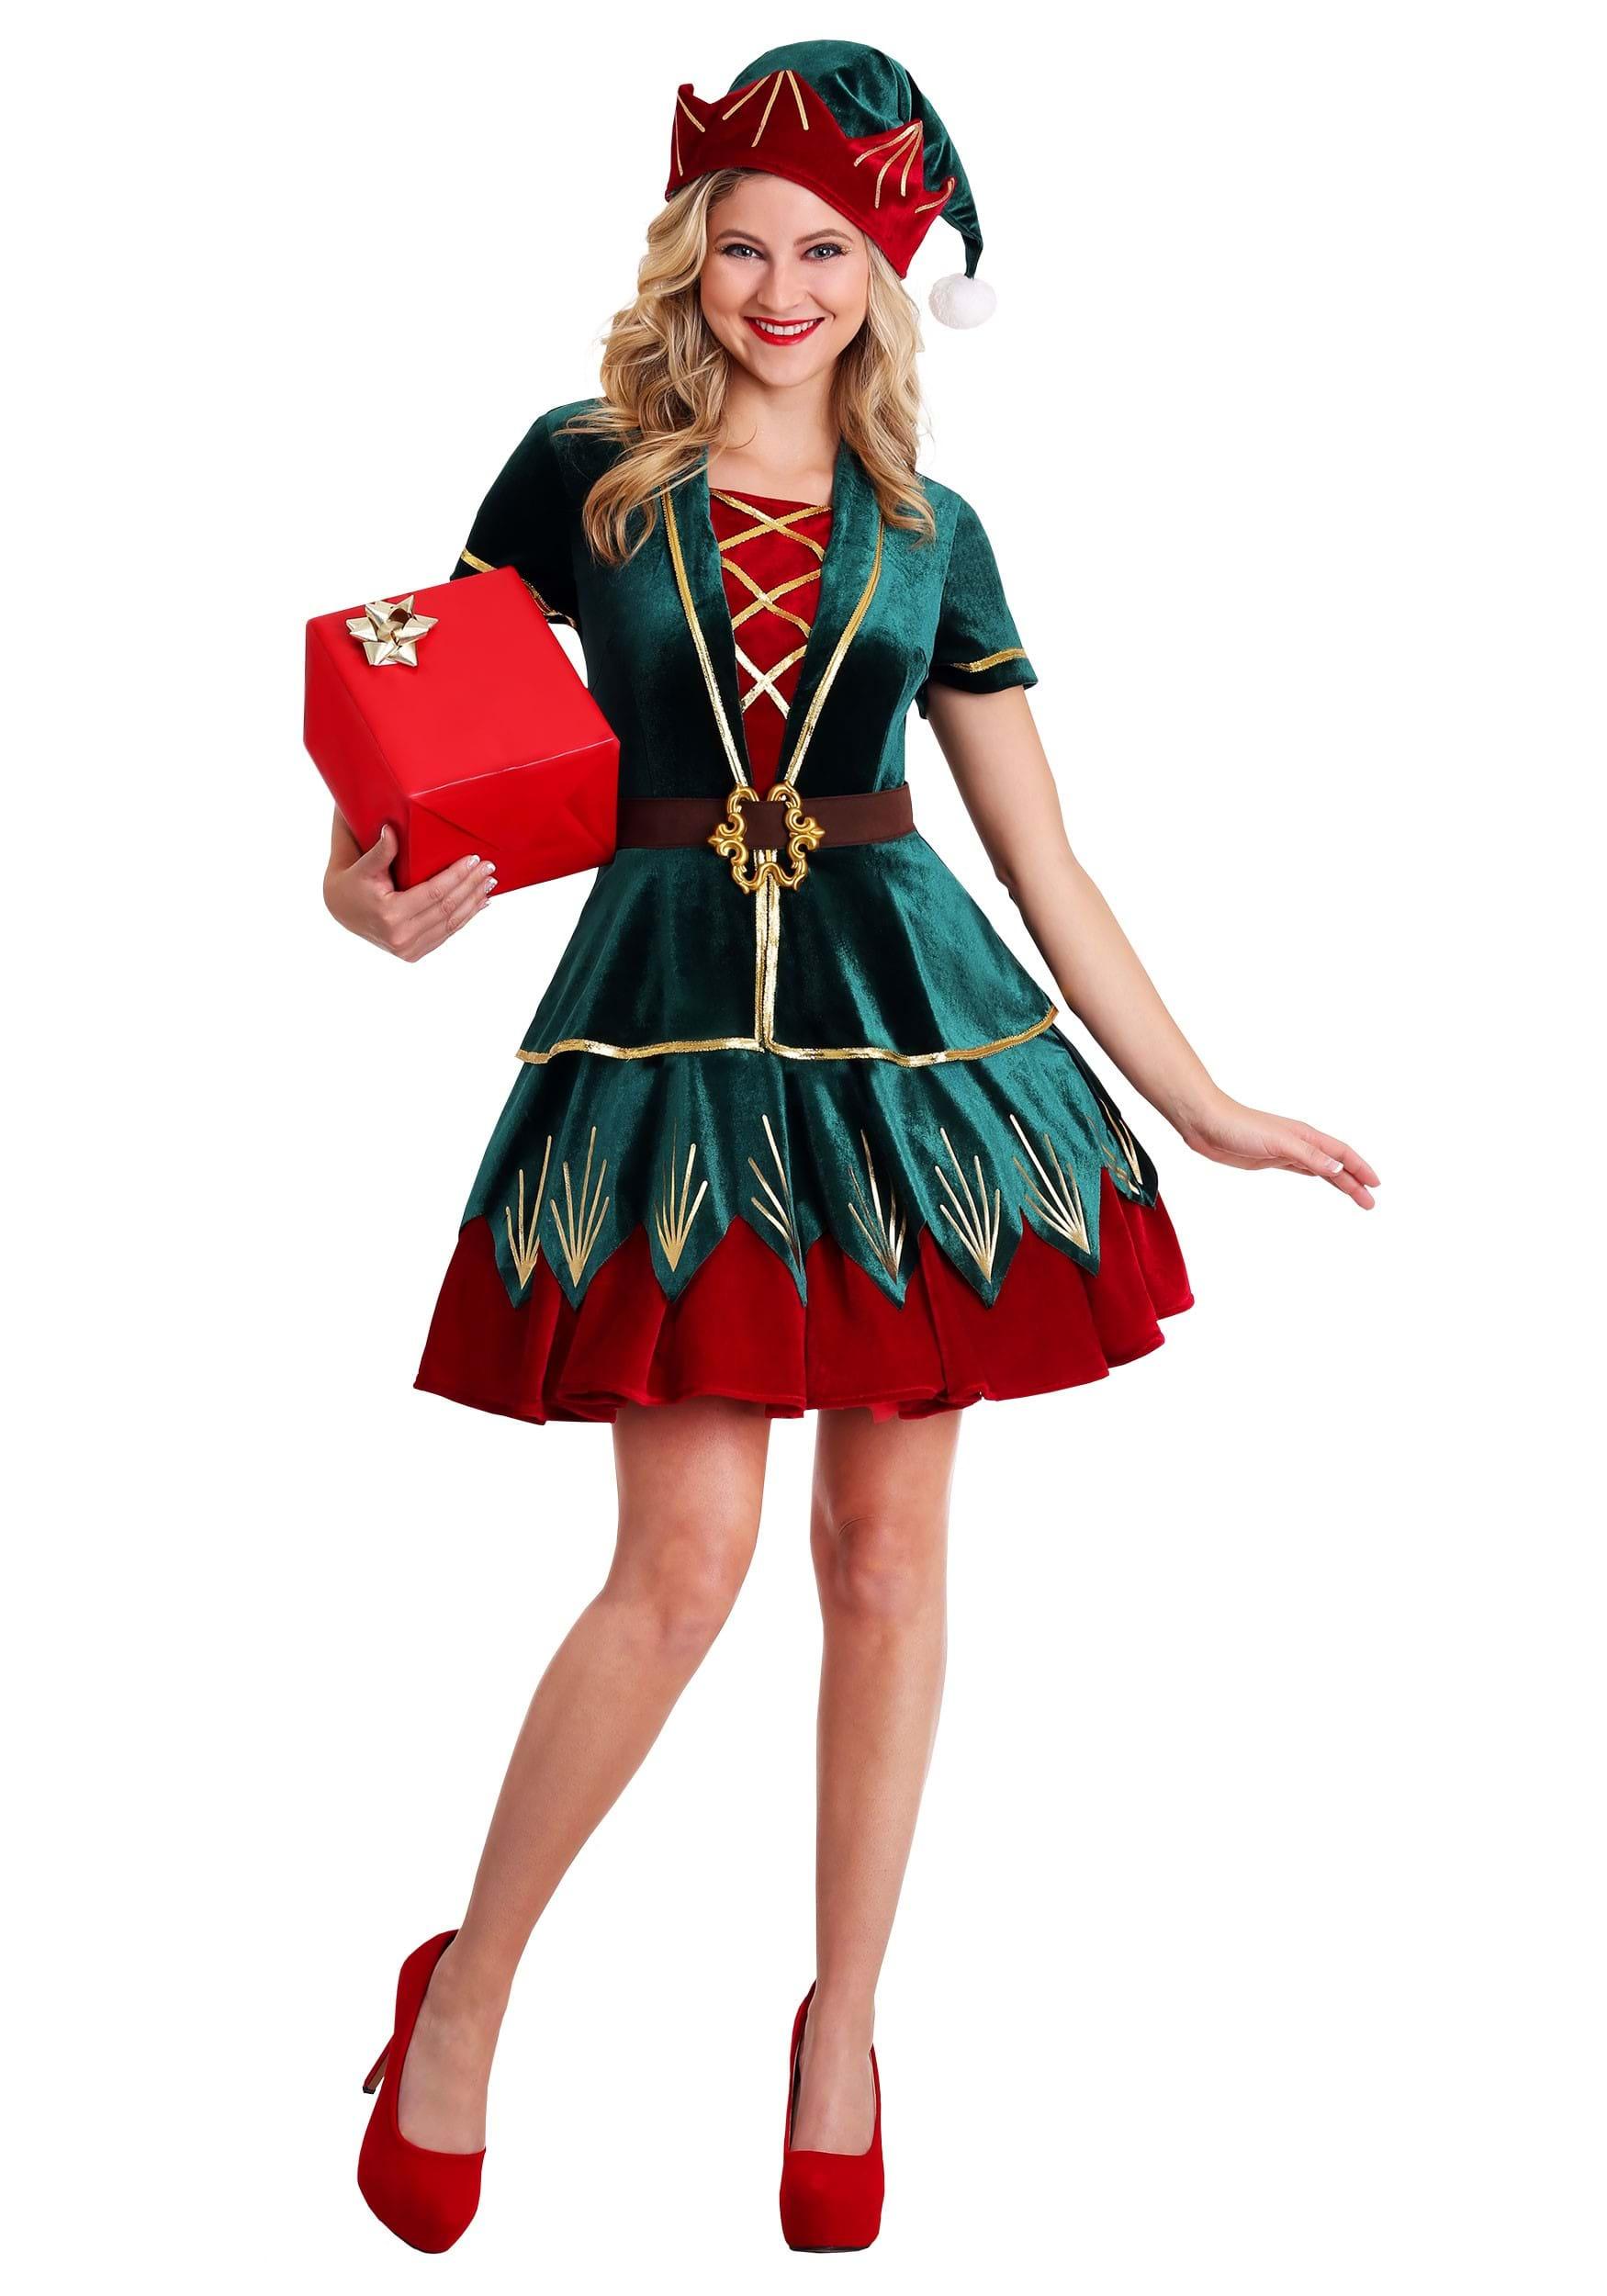 Ladies Deluxe Holiday Elf Costume